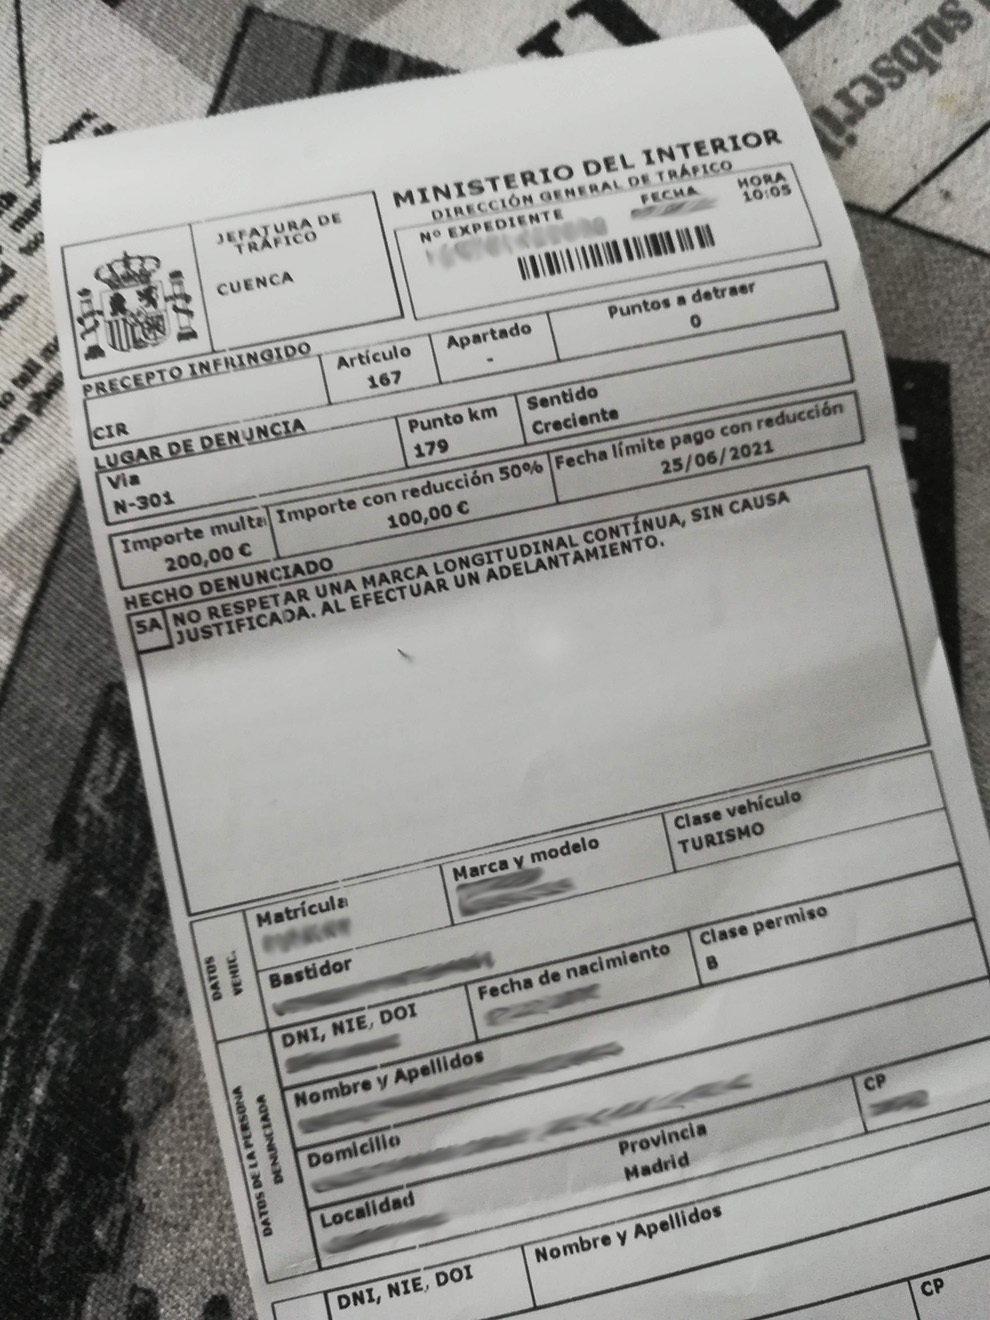 DGT - Trafico - Direccion General de Trafico - multas falsas - phising - correo electronico